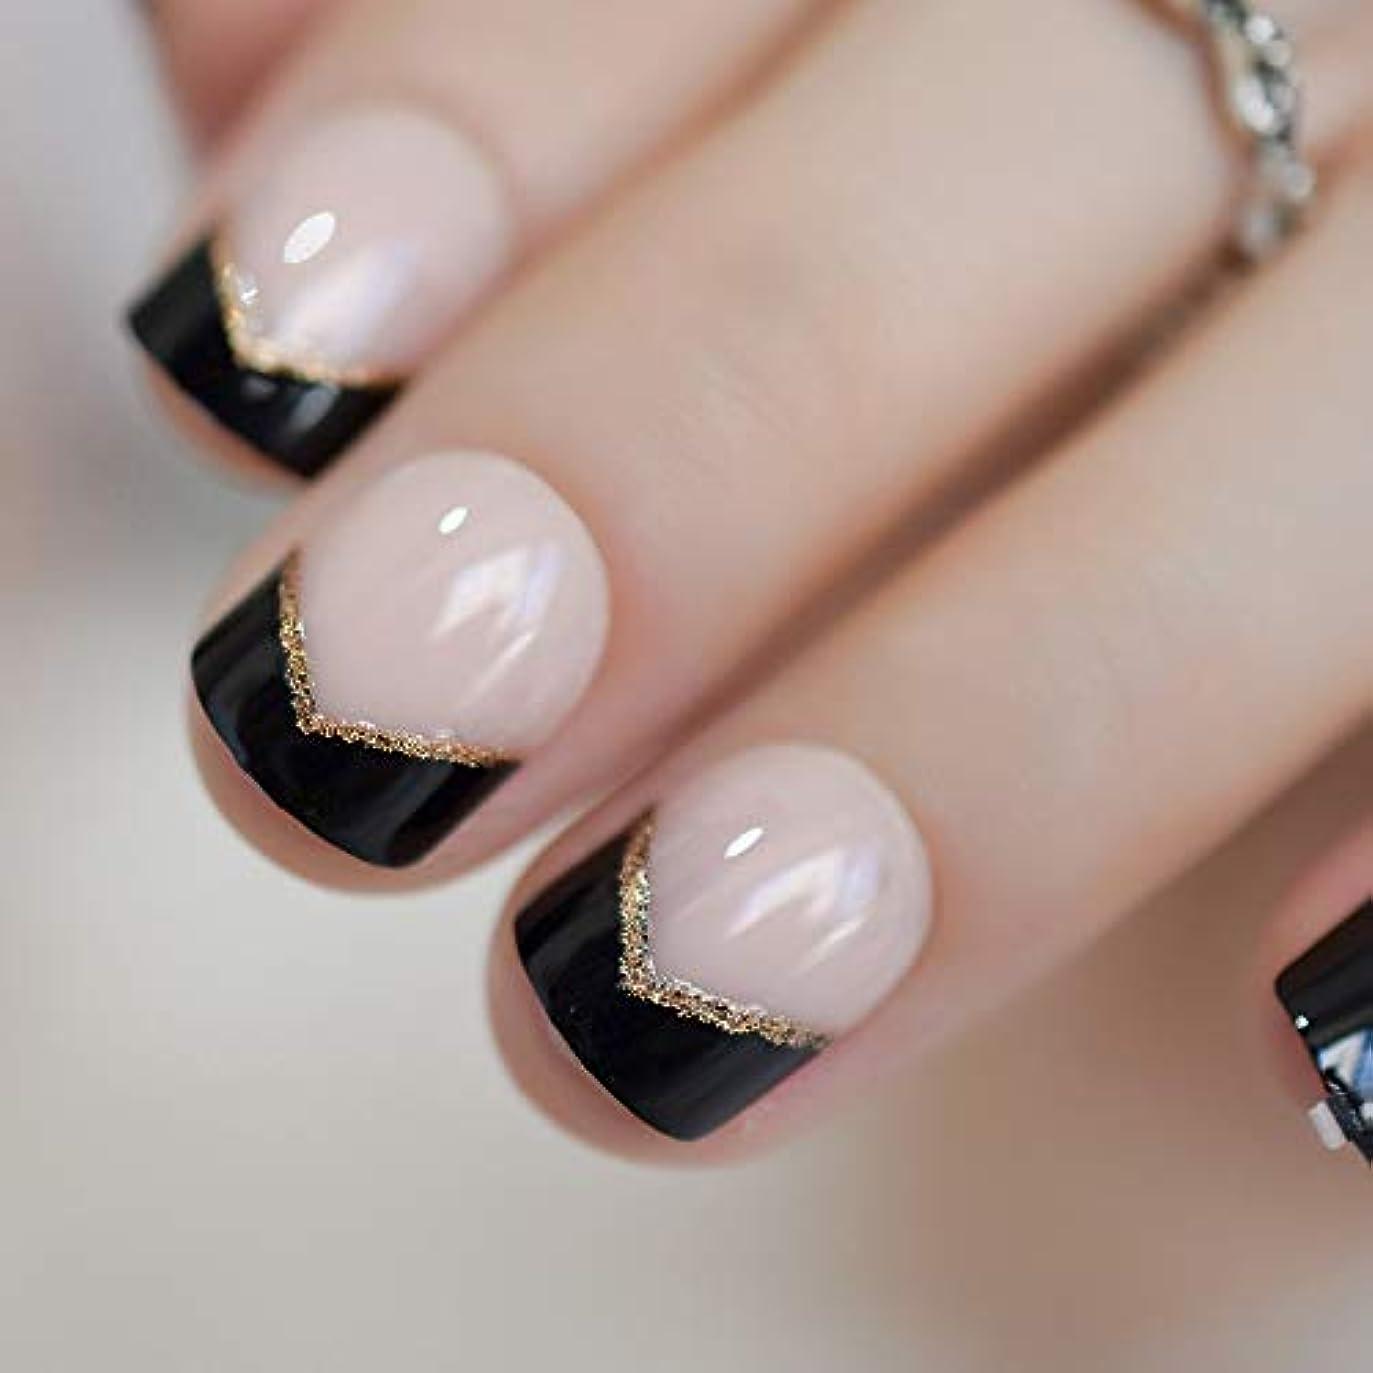 日焼けにんじん複製XUTXZKA 短い爪黒のヒントゴールドグリッターアングル装飾された女性のための自然な偽の爪